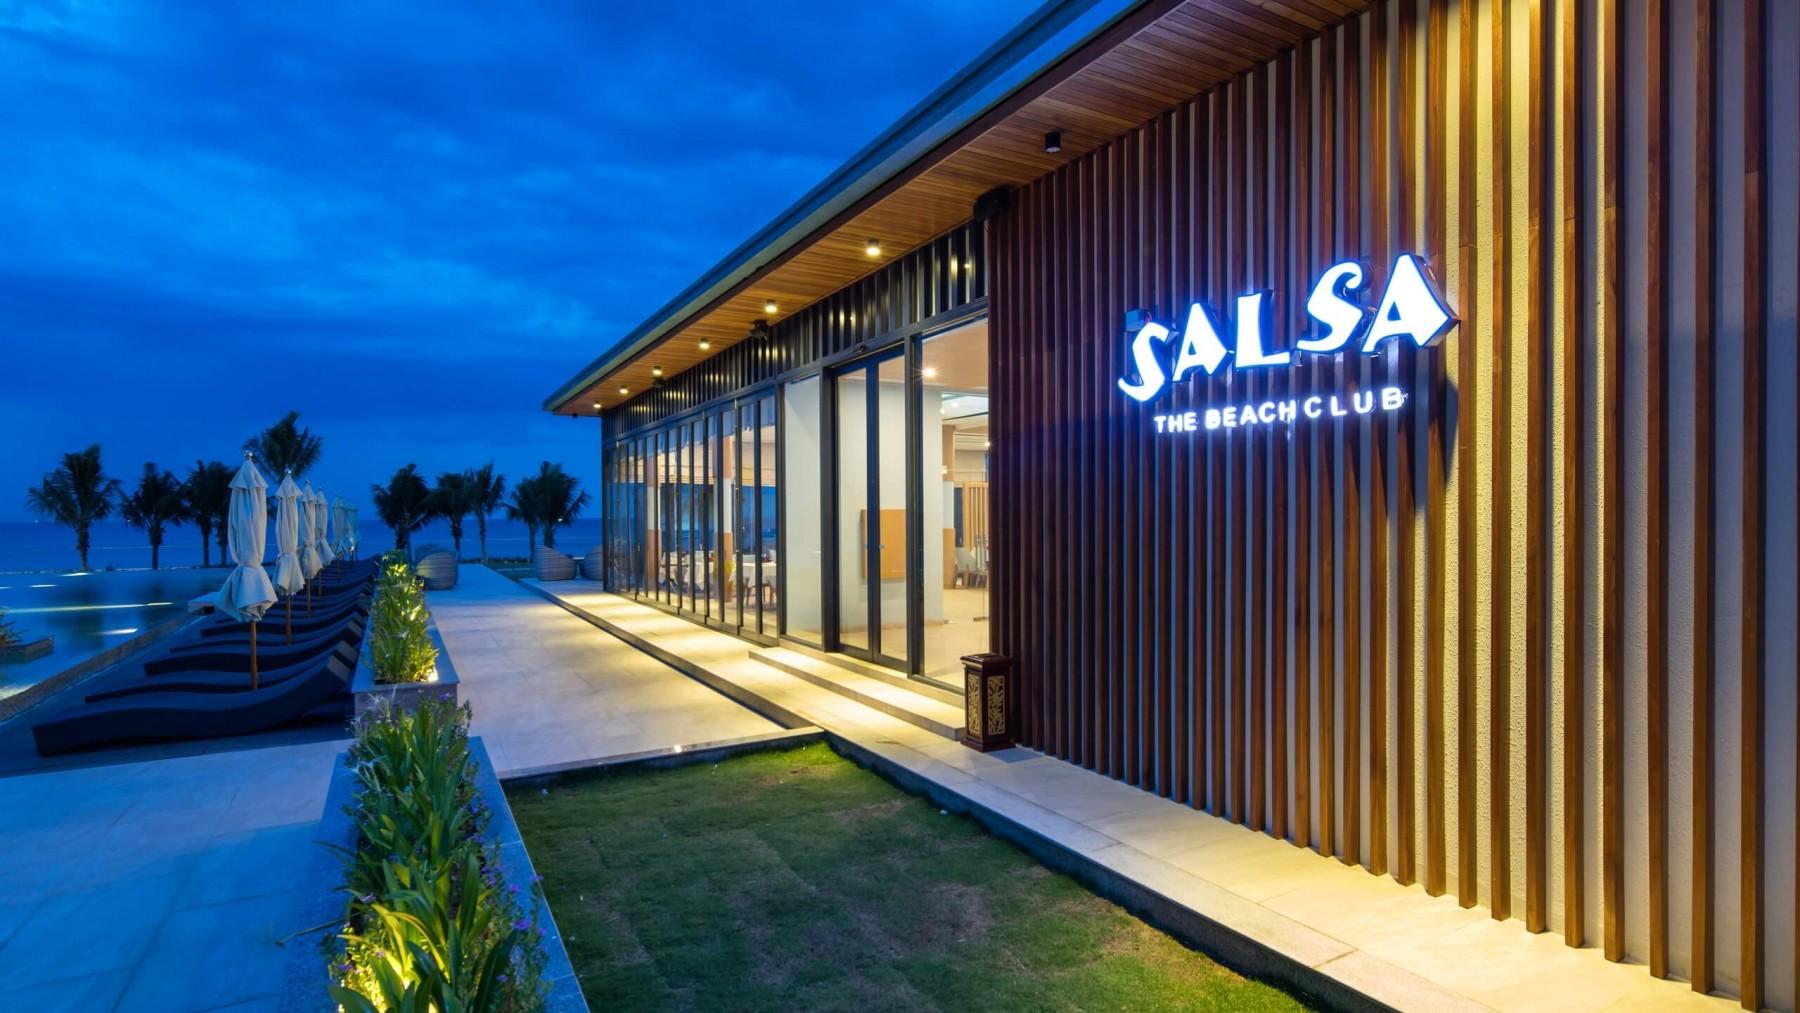 Salsa The Beach Club FLC Quy Nhơn